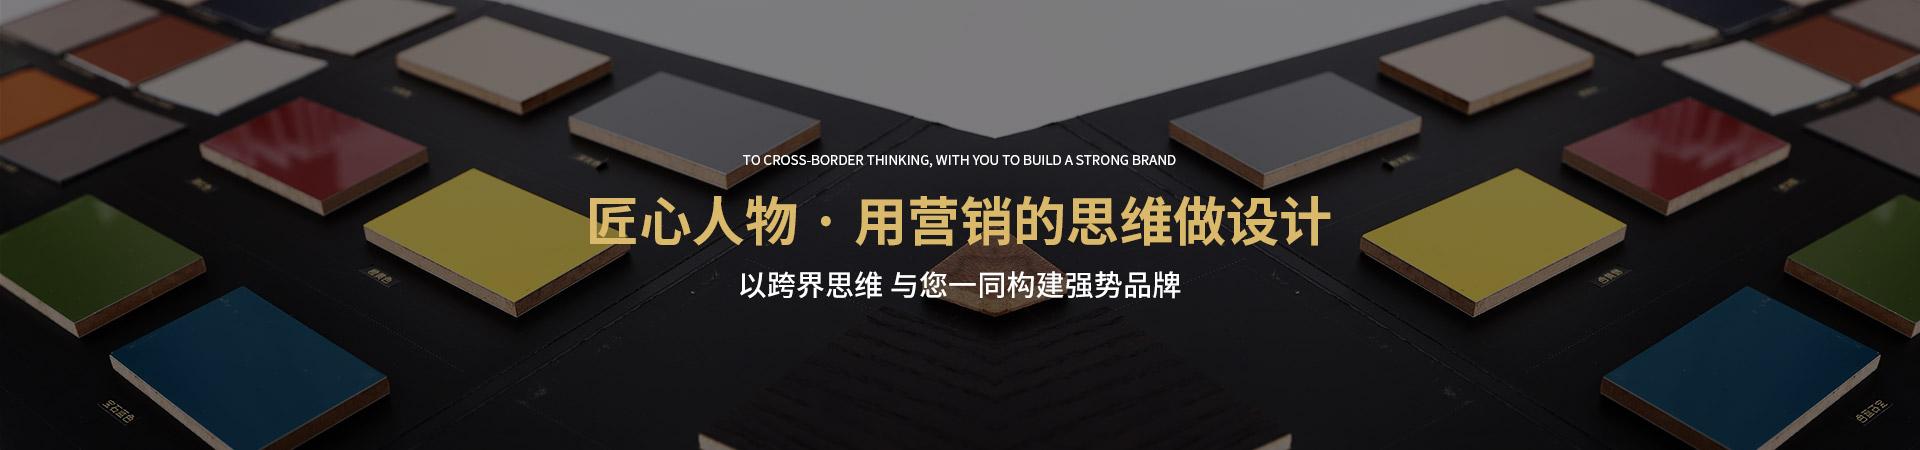 传美广告-匠心人物·用营销的思维做设计